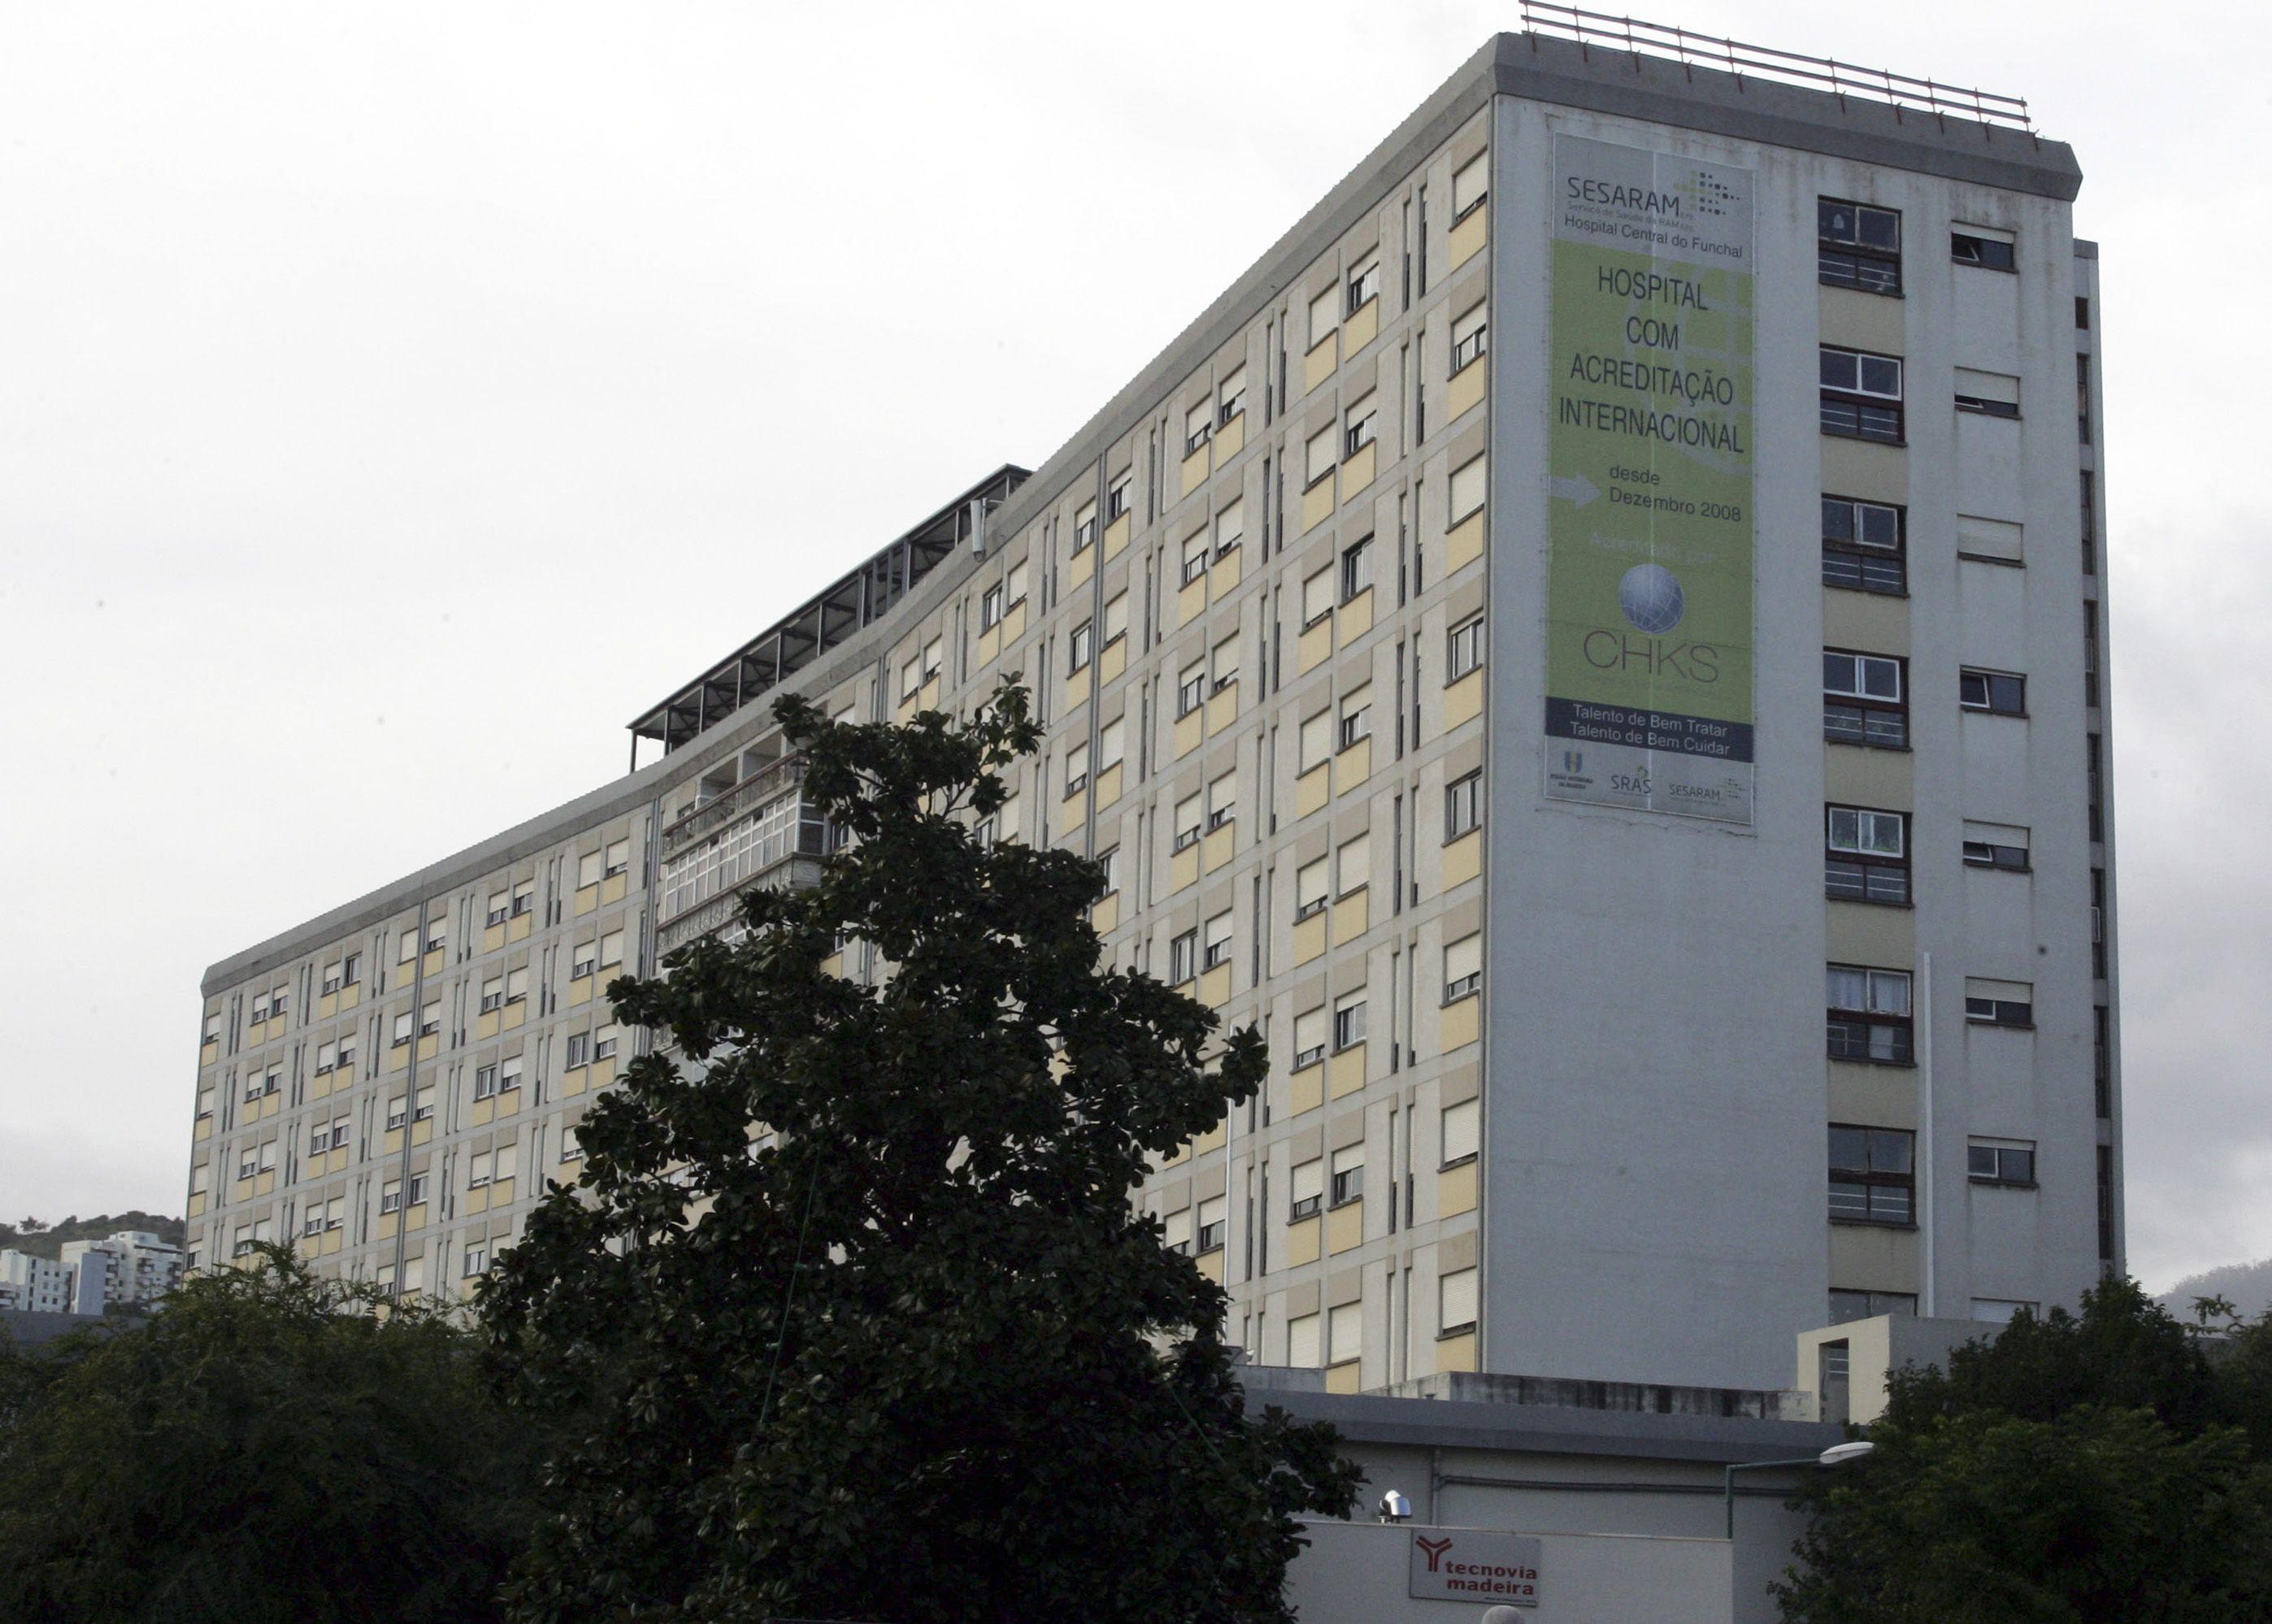 Serviço de Saúde na Madeira instaura processo disciplinar ao médico